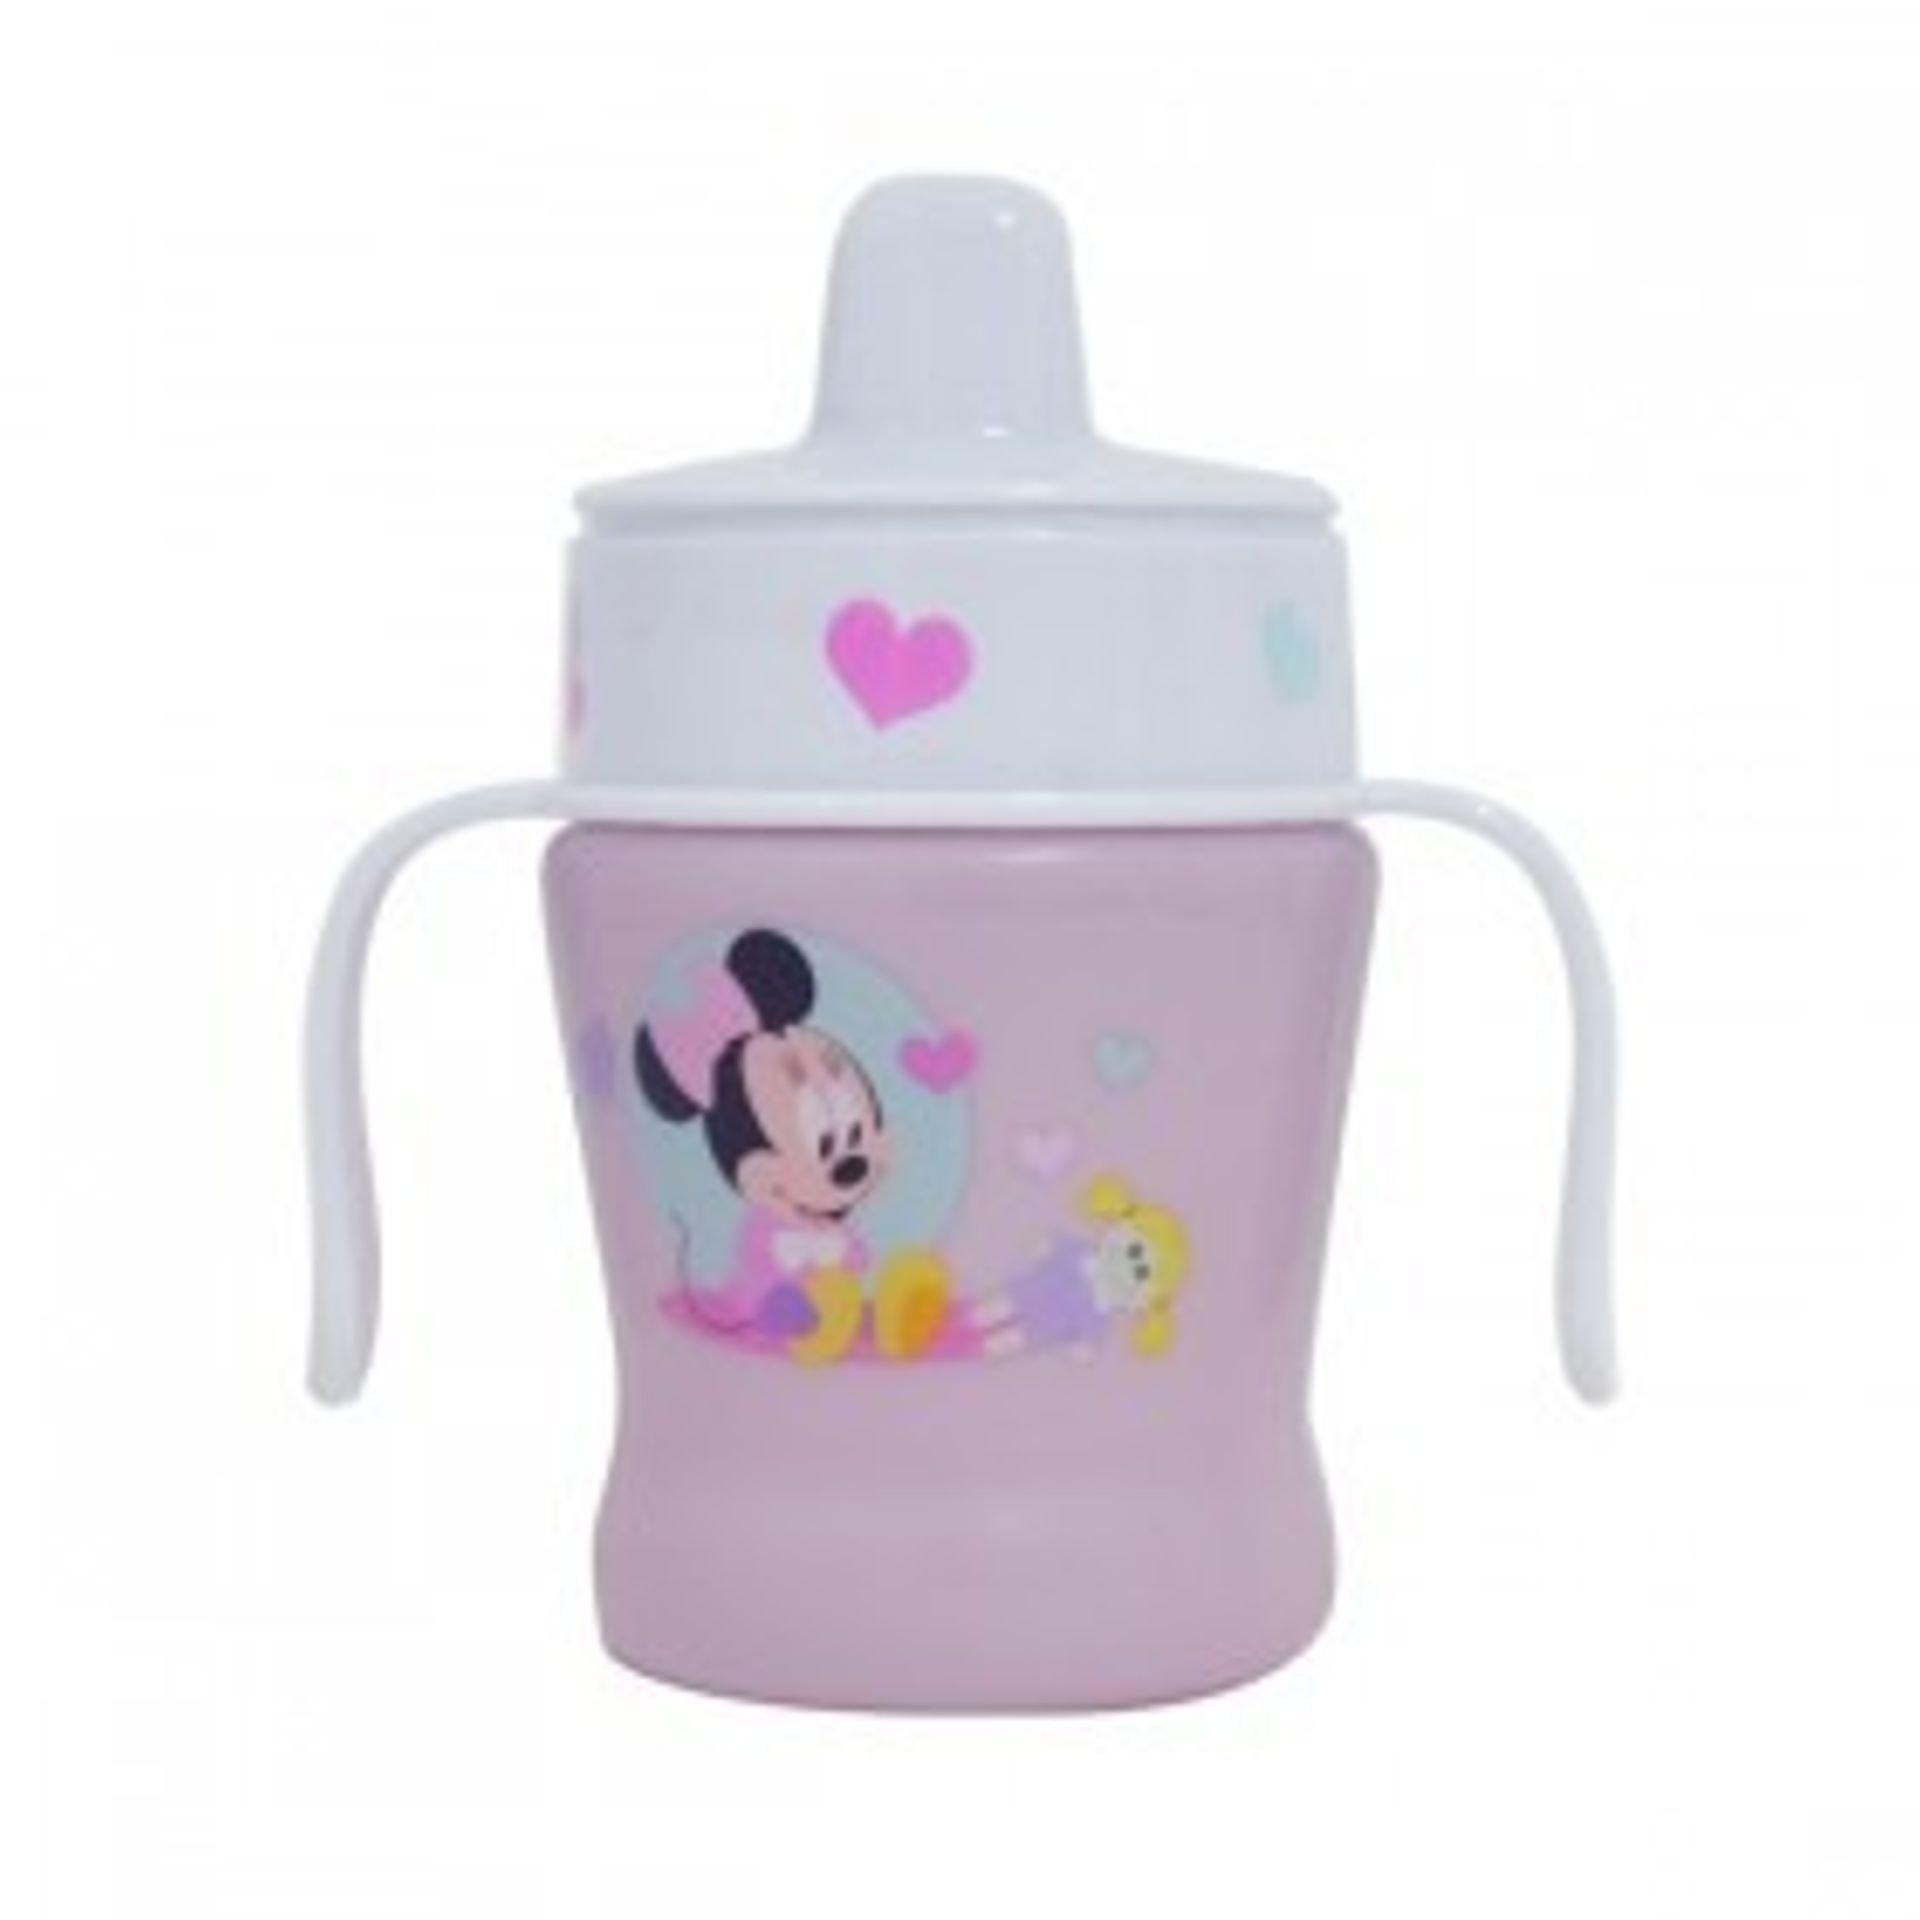 كأس للطفل مع يدين ميني